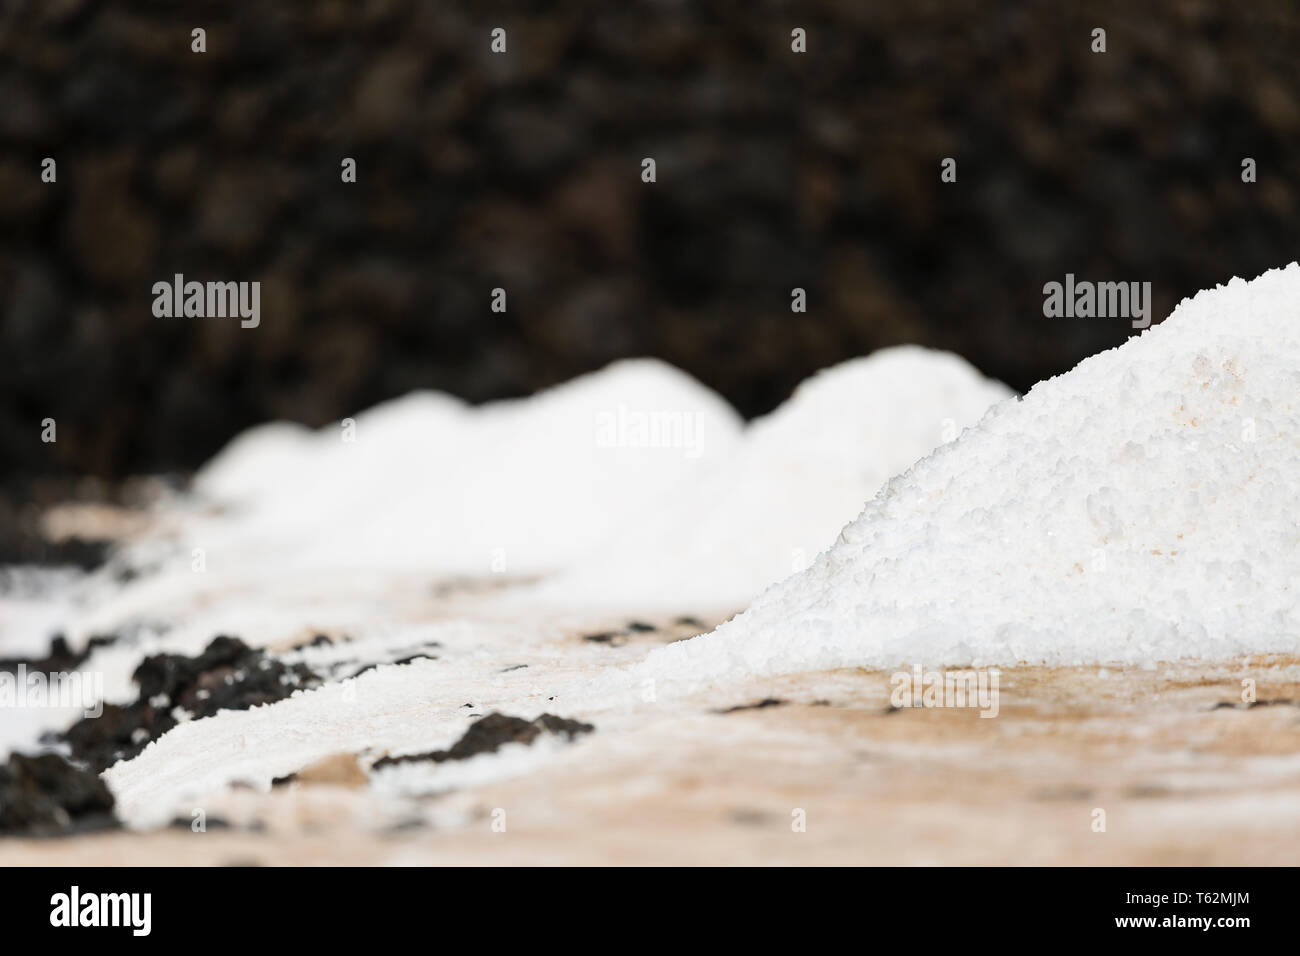 Las enormes pilas de sal en las Salinas de Fuencaliente, La Palma, España, con el foco en el primer montón. Imagen De Stock